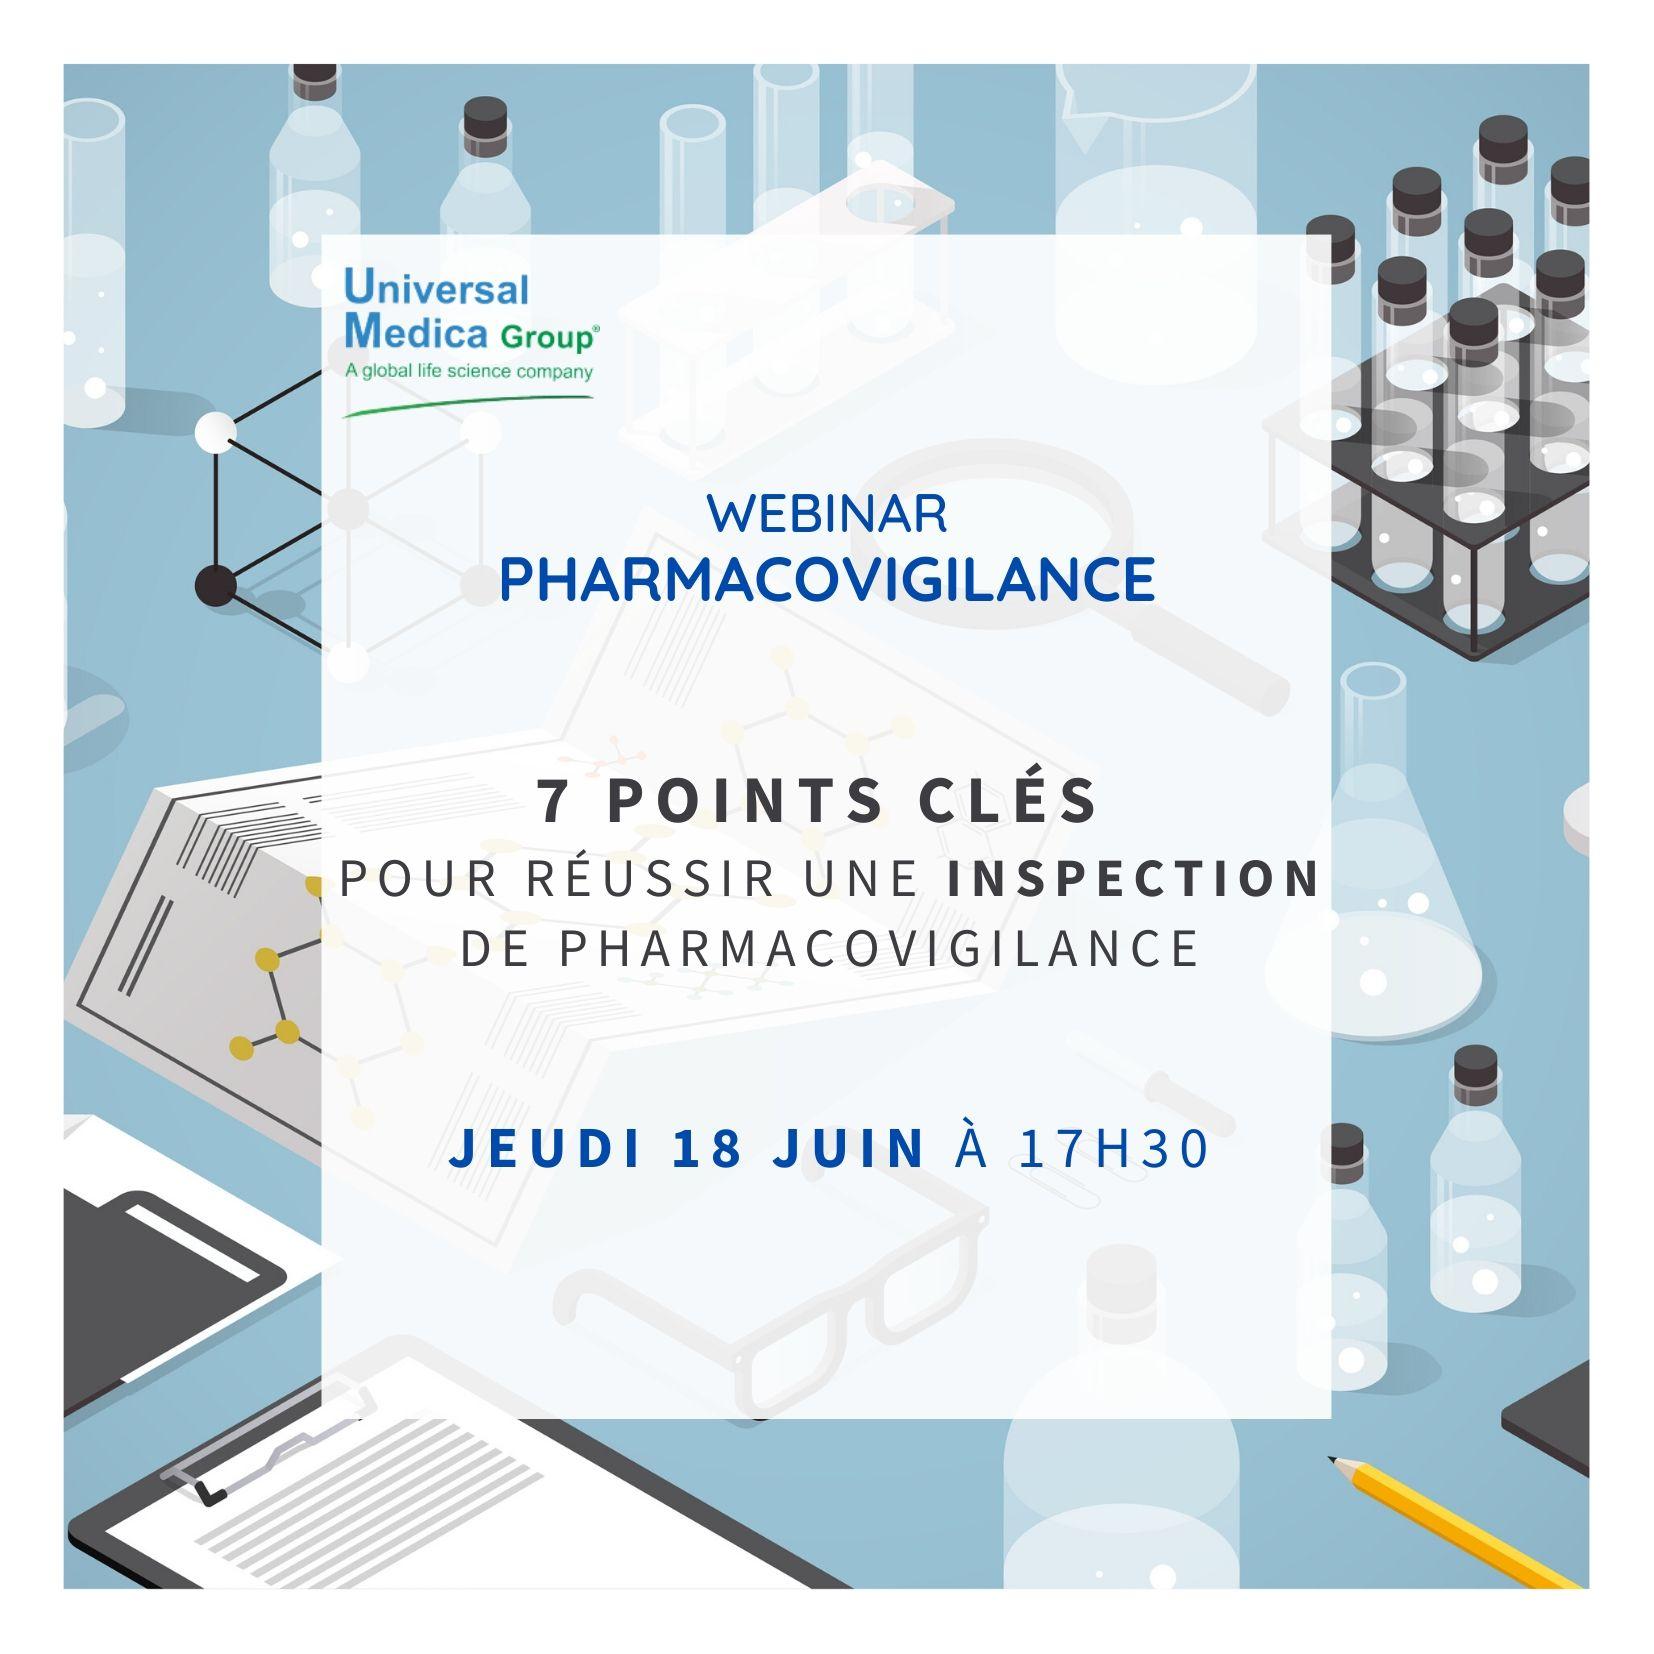 Webinar Pharmacovigilance - 7 points clés pour réussir une inspection de pharmacovigilance - Jeudi 18 juin à 17h30